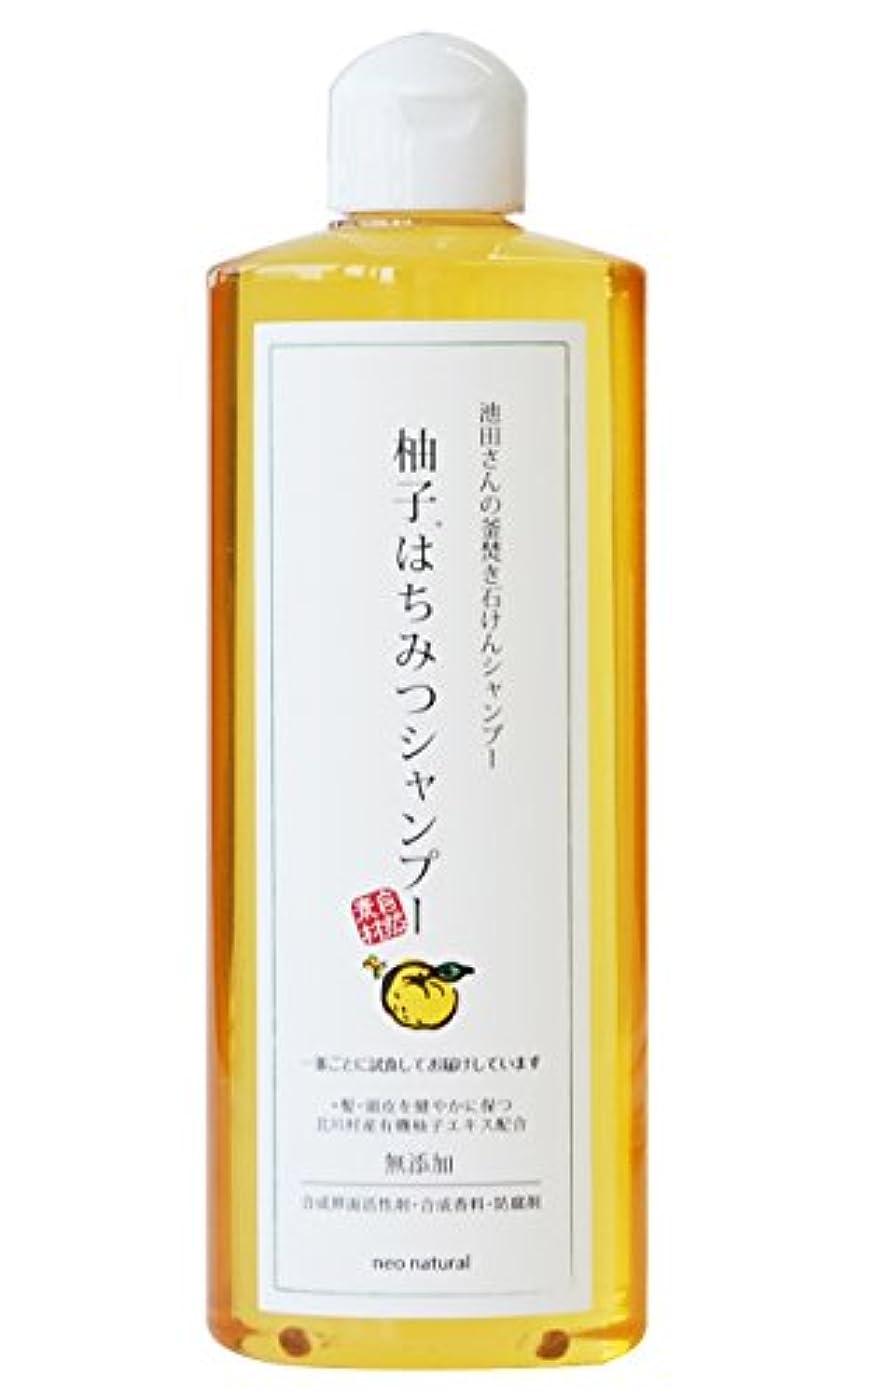 提供するくるくる強調ネオナチュラル 柚子はちみつシャンプー 300ml